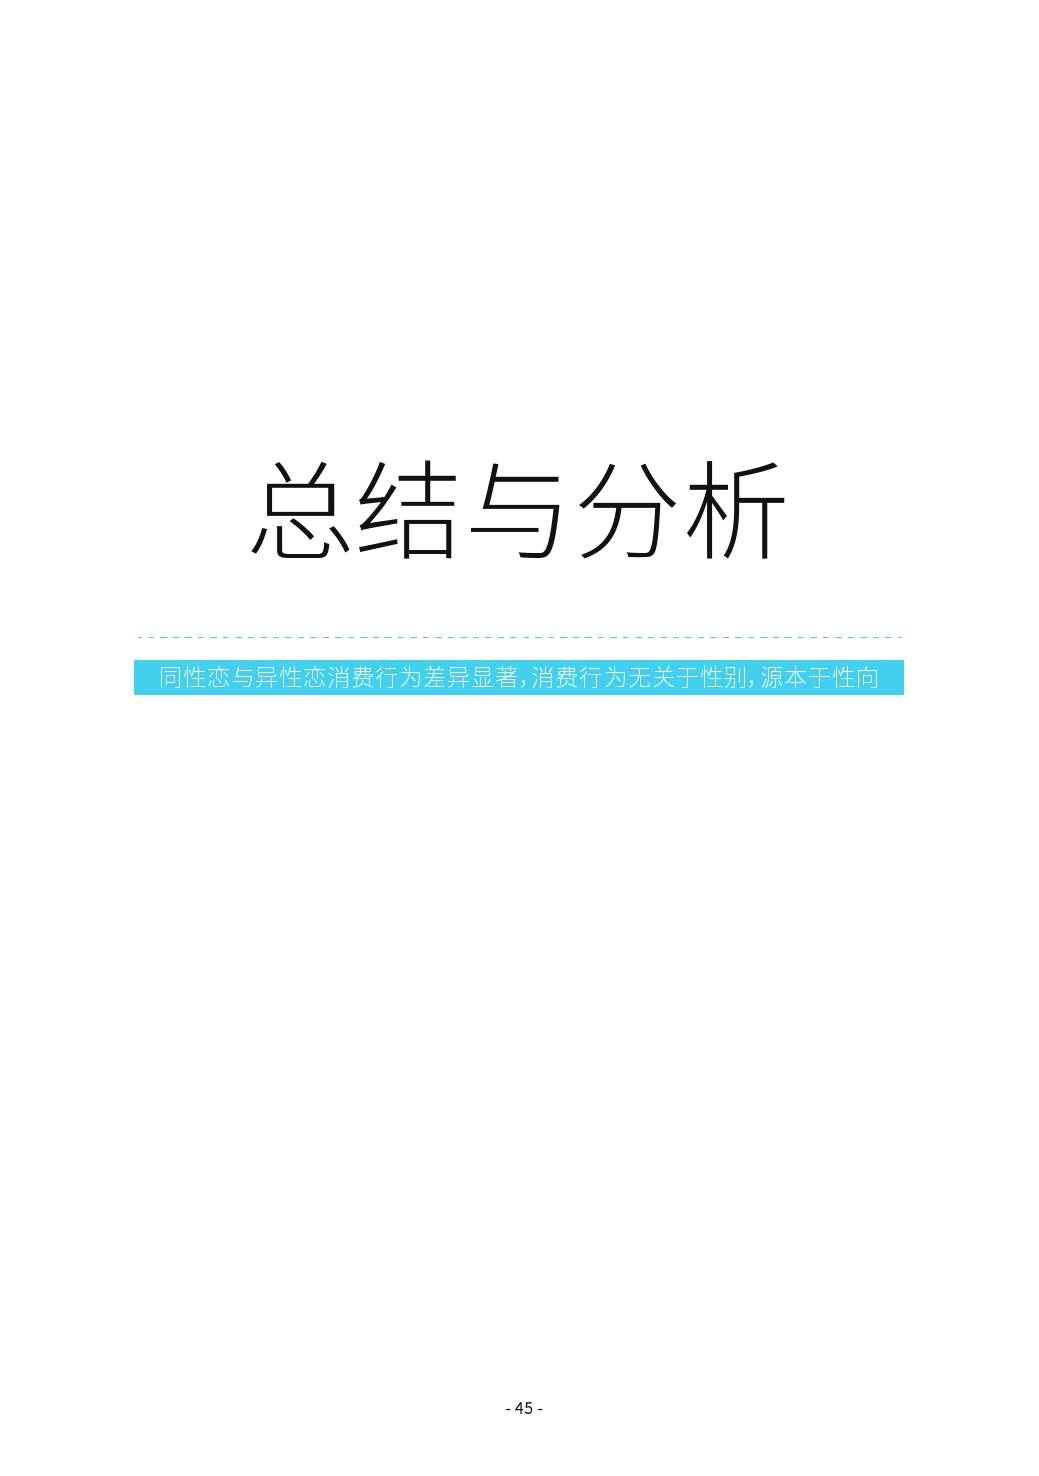 第二届中国LGBT群体消费调查报告_000045